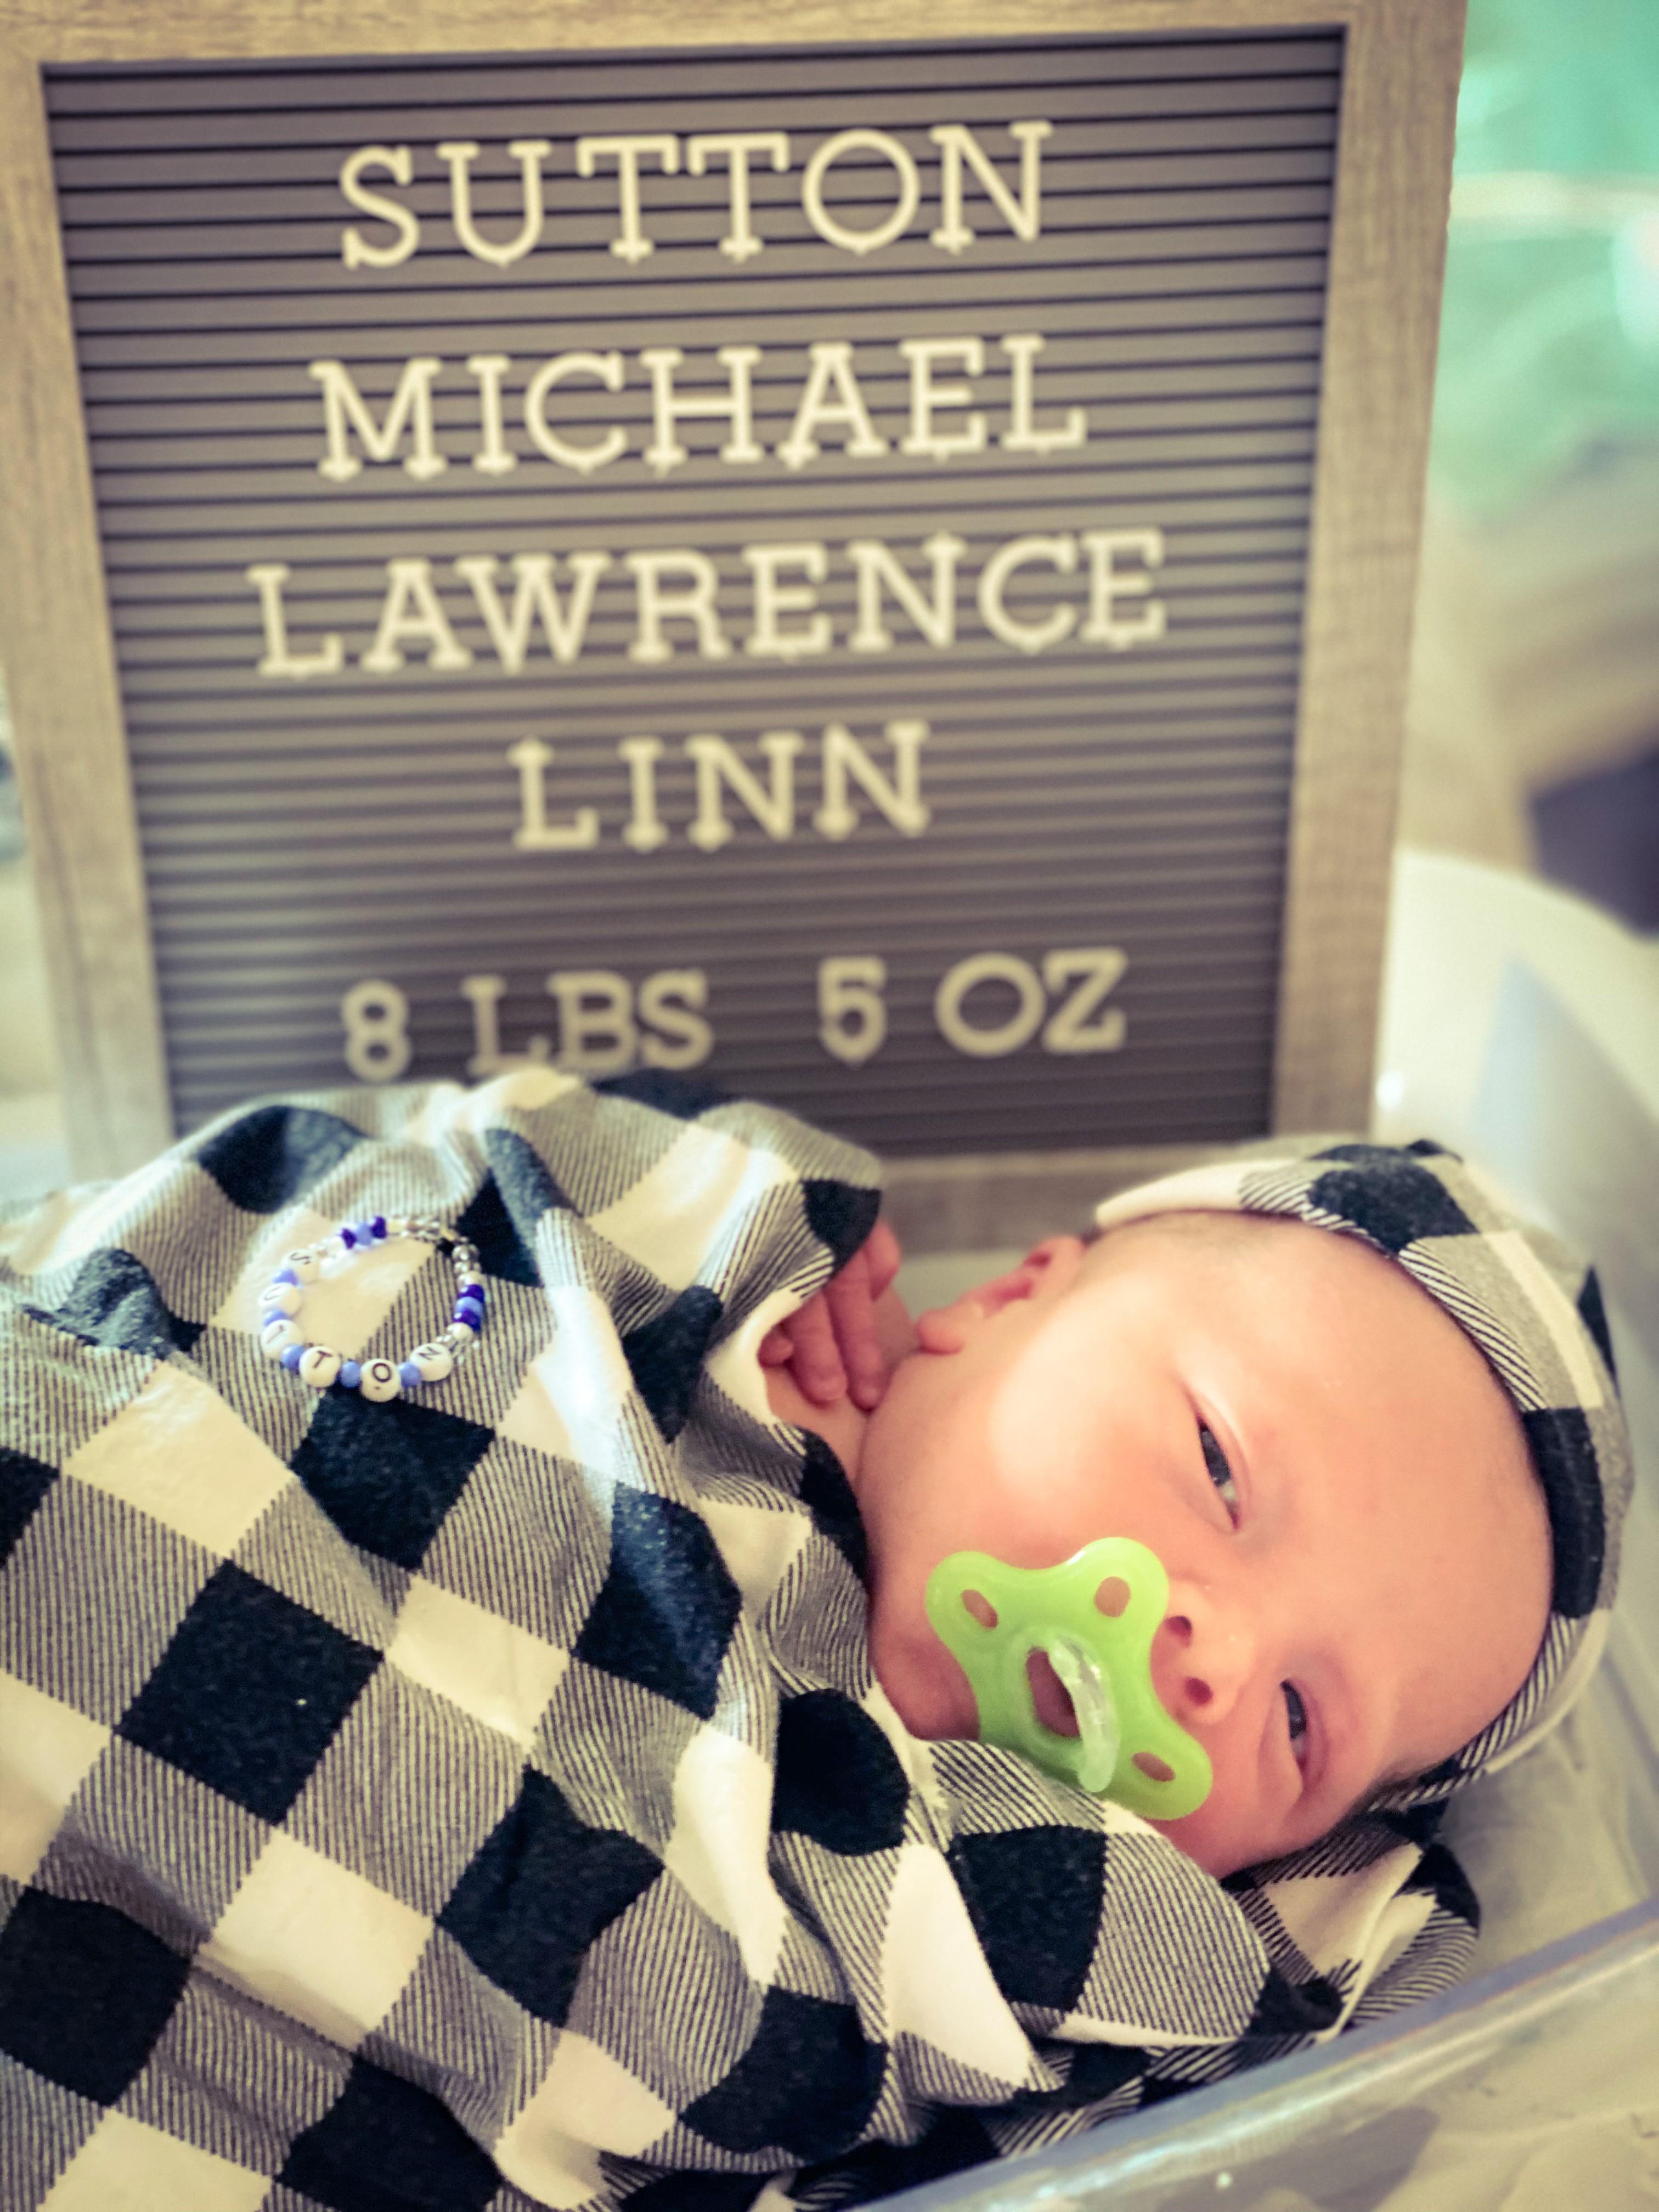 Sutton Michael Lawrence